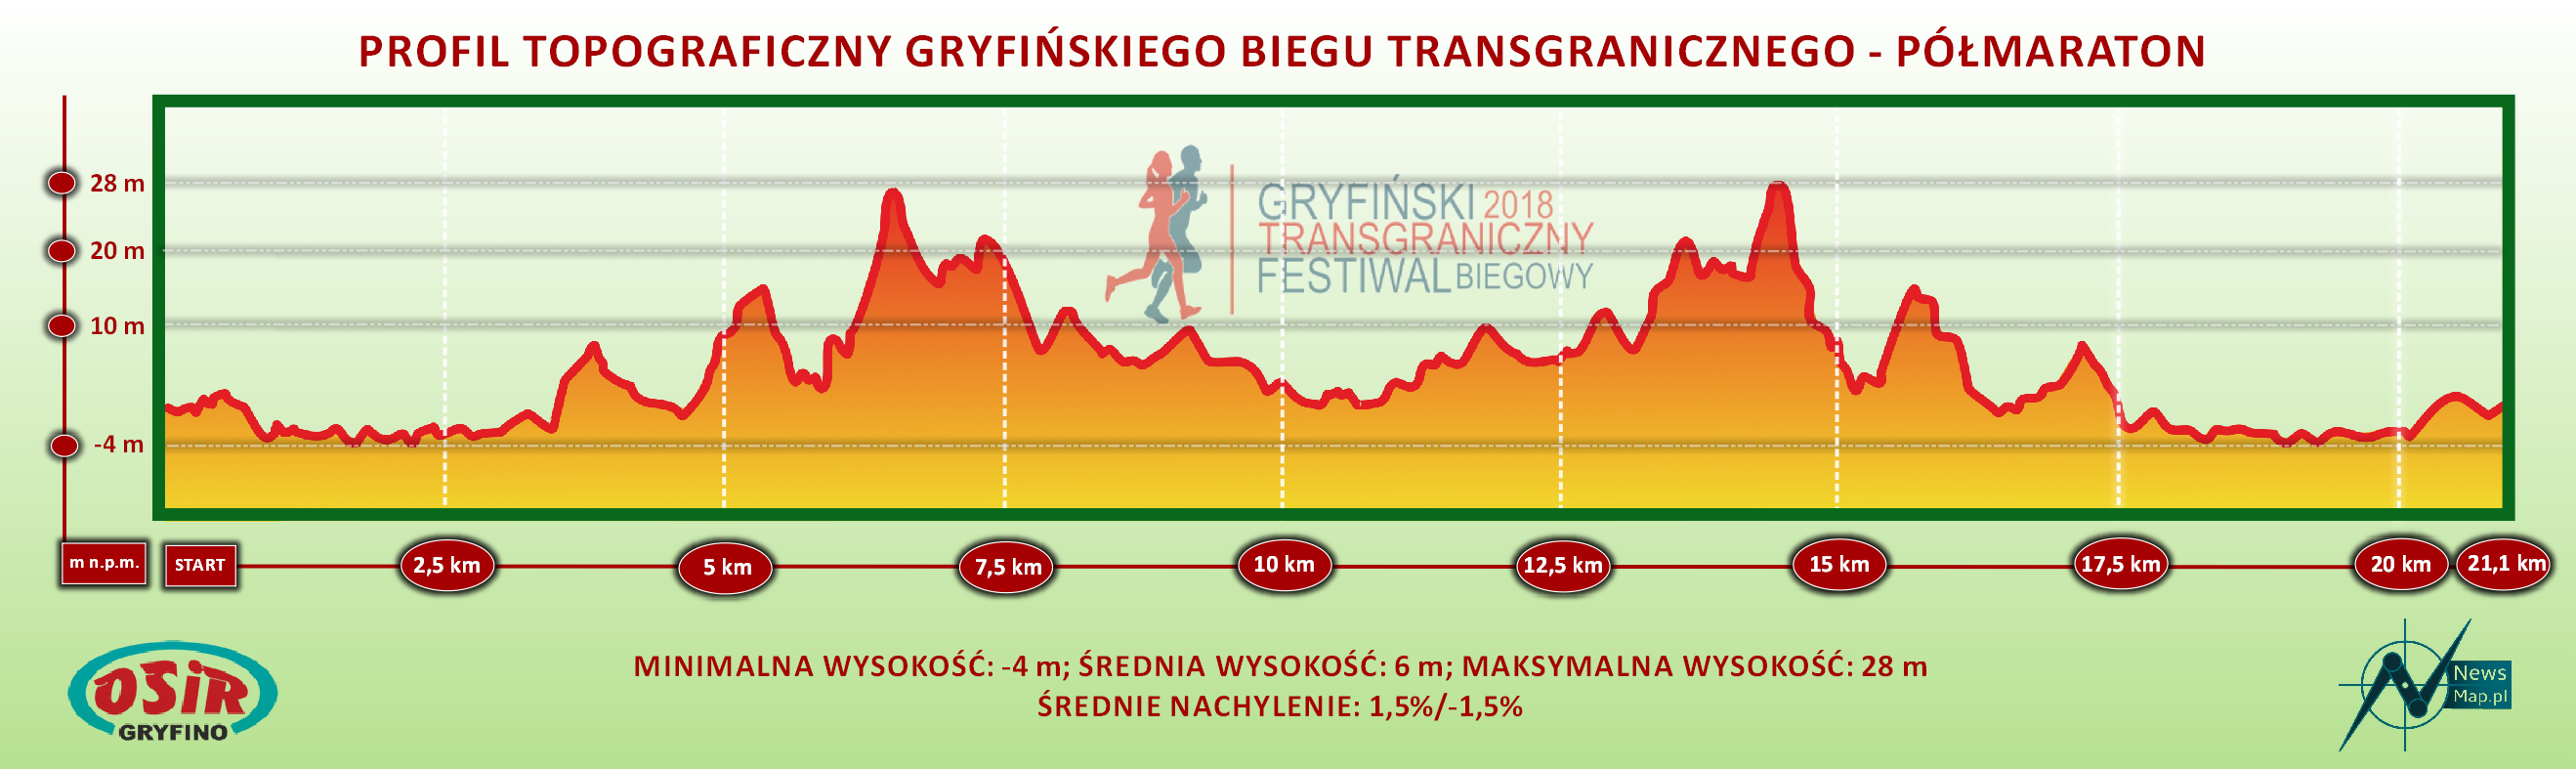 Bieg Transgraniczny półmaraton - profil topograniczny